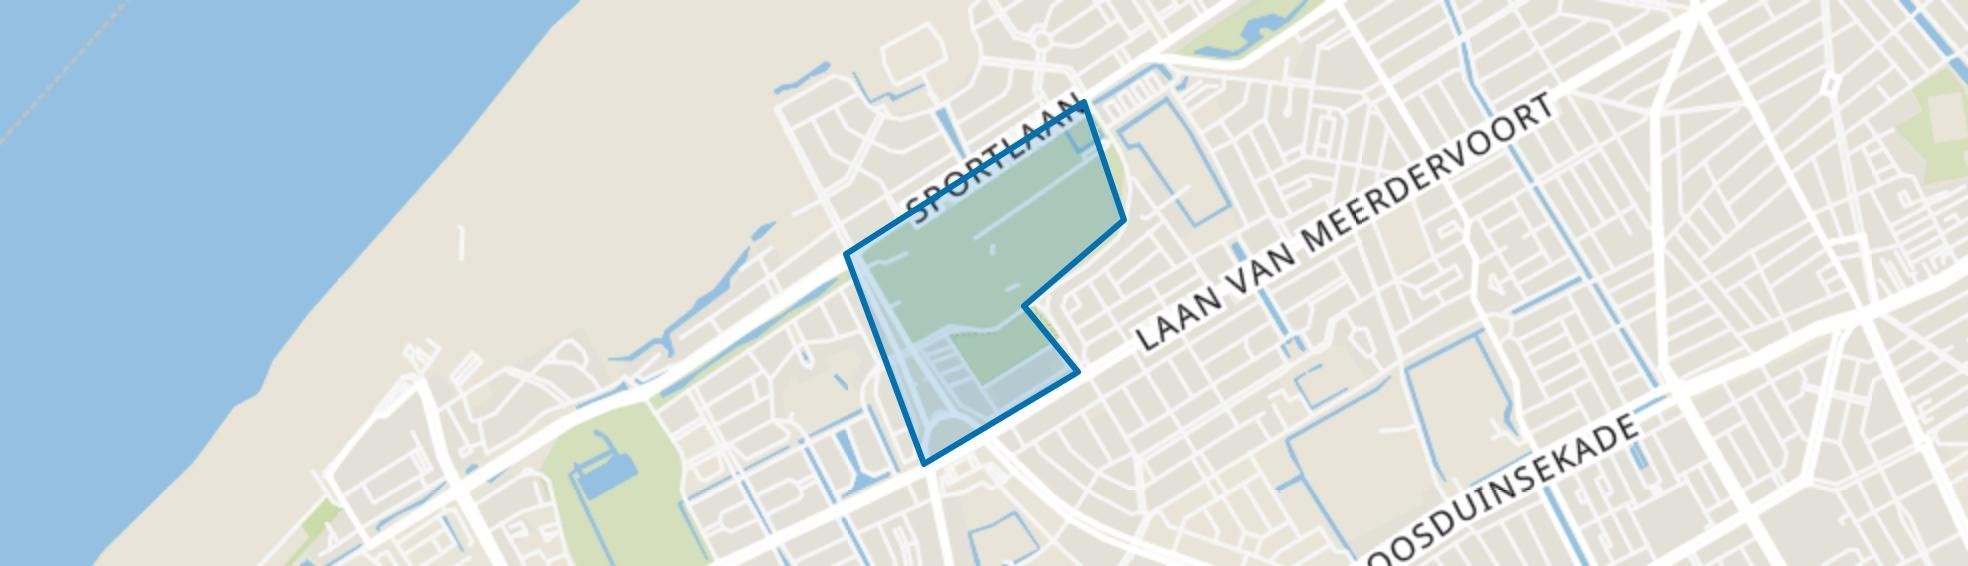 Bosjes van Pex, Den Haag map